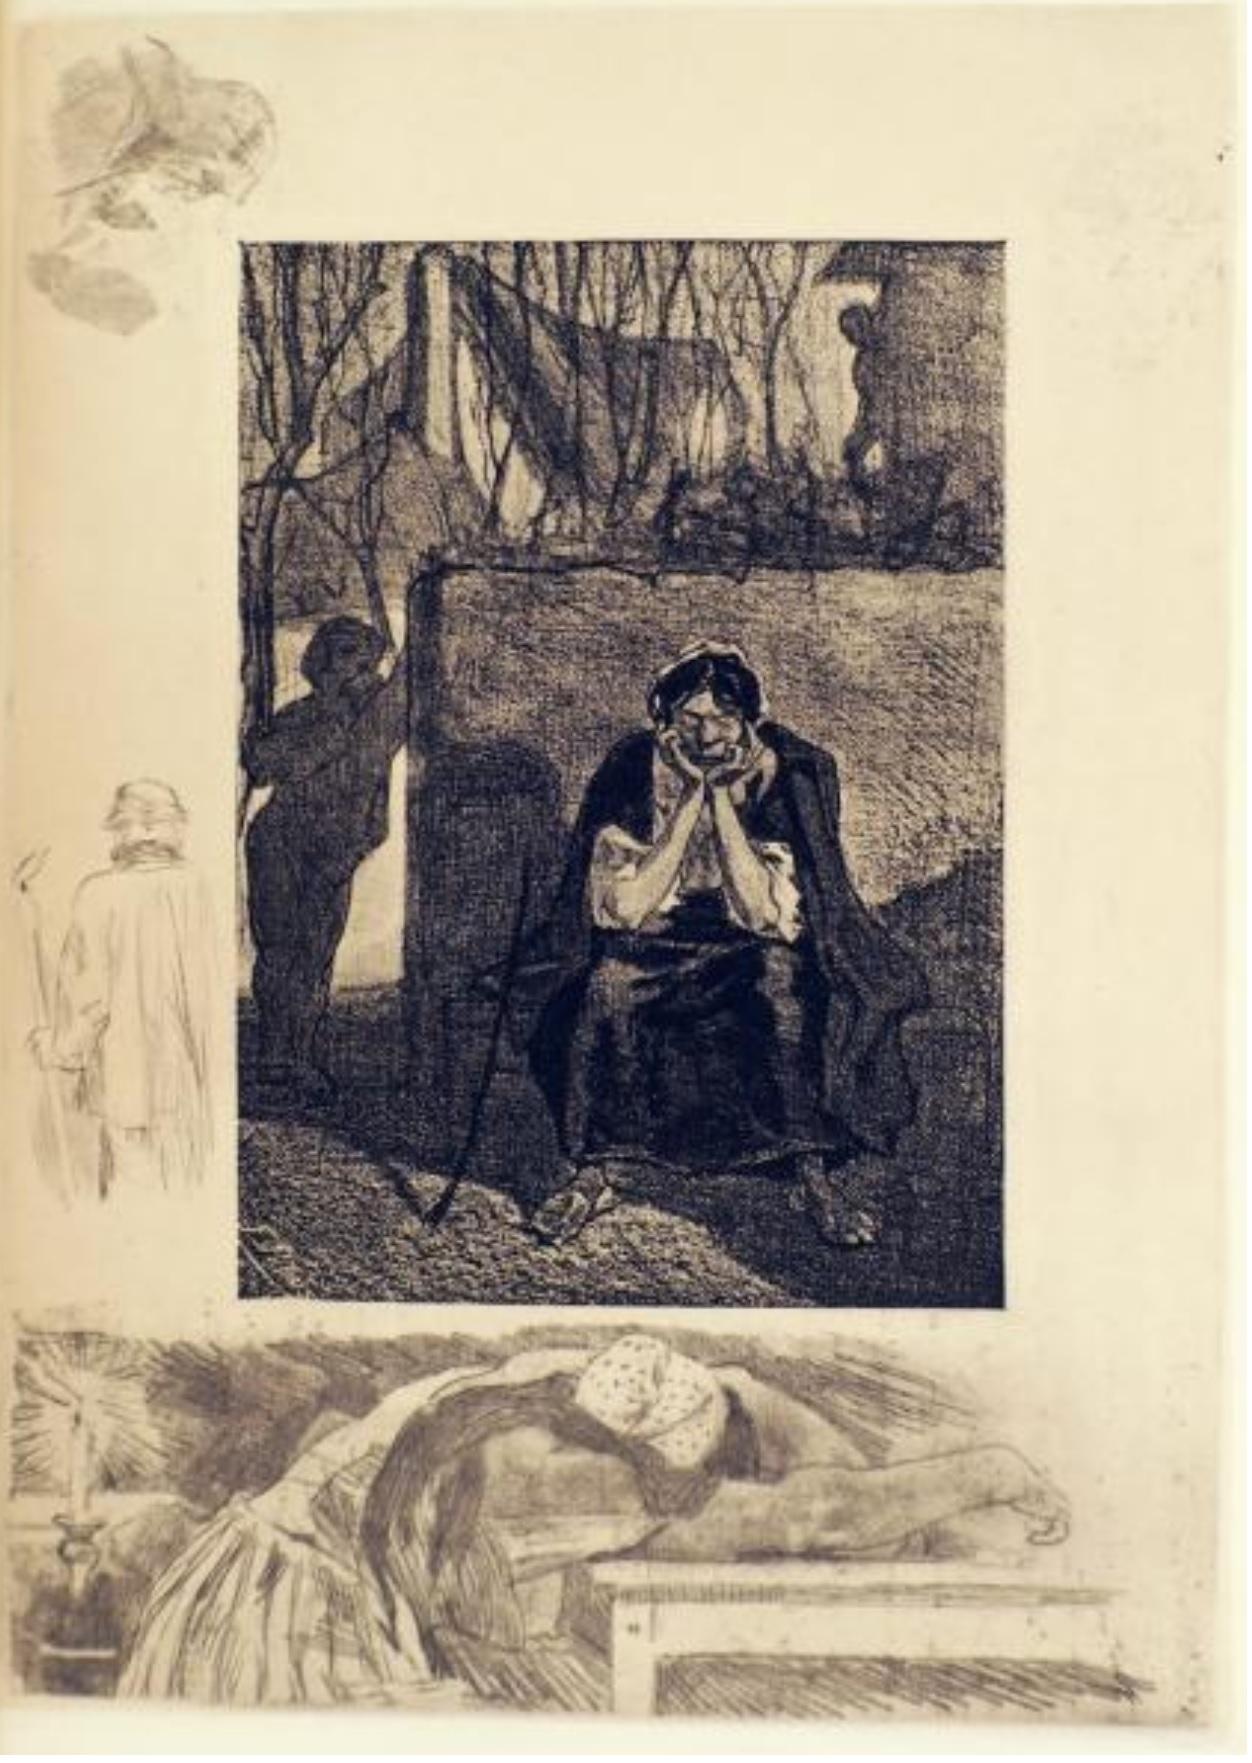 Rops 1891 Li Sotte Marie-josephe